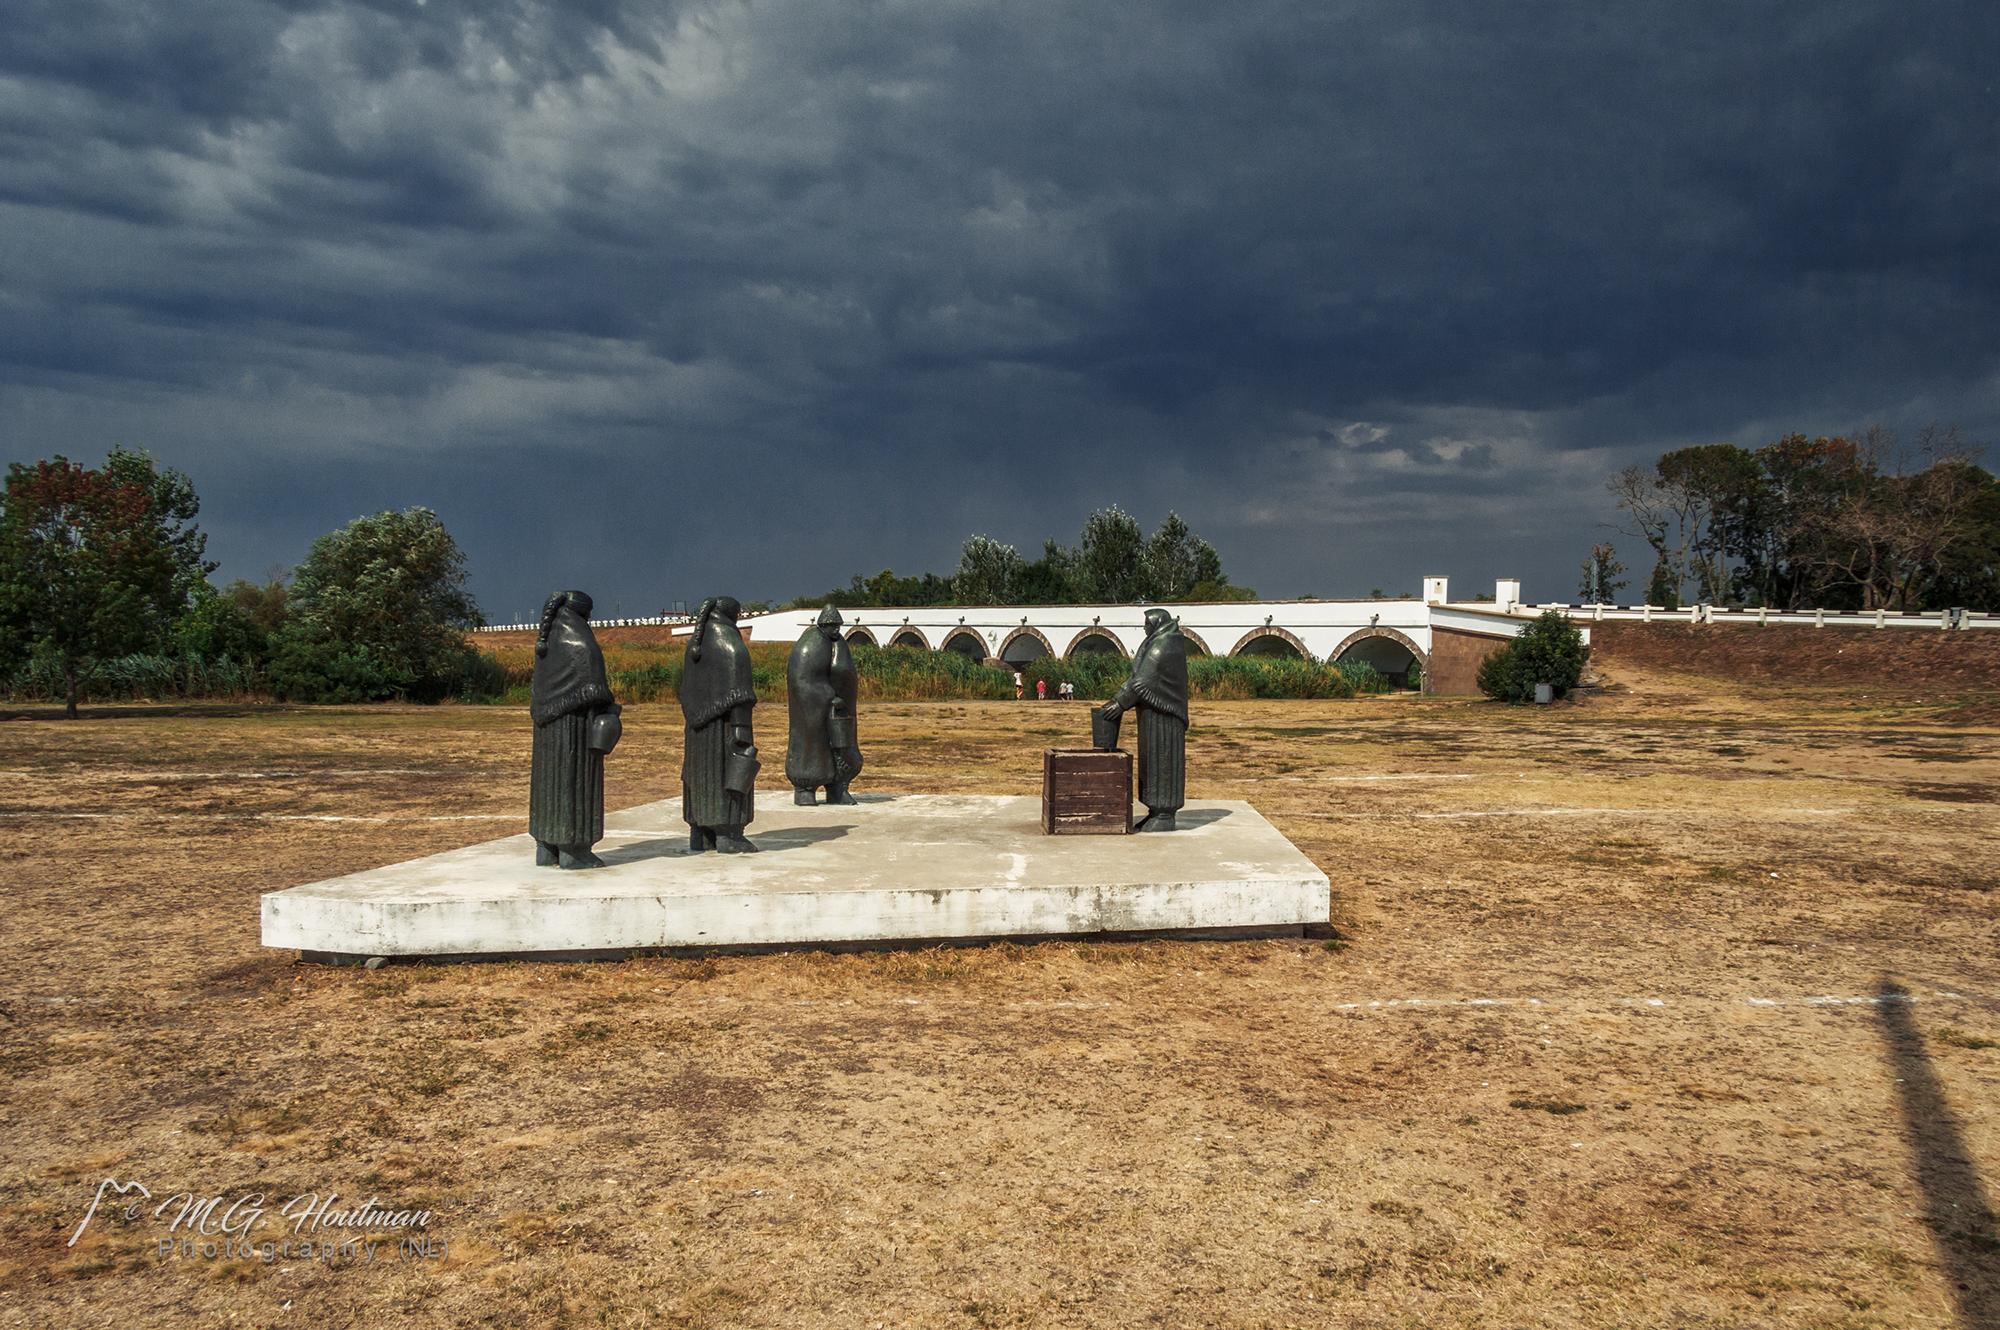 Hortobágyi szobrok - Nine-hole bridge, Hortobágy